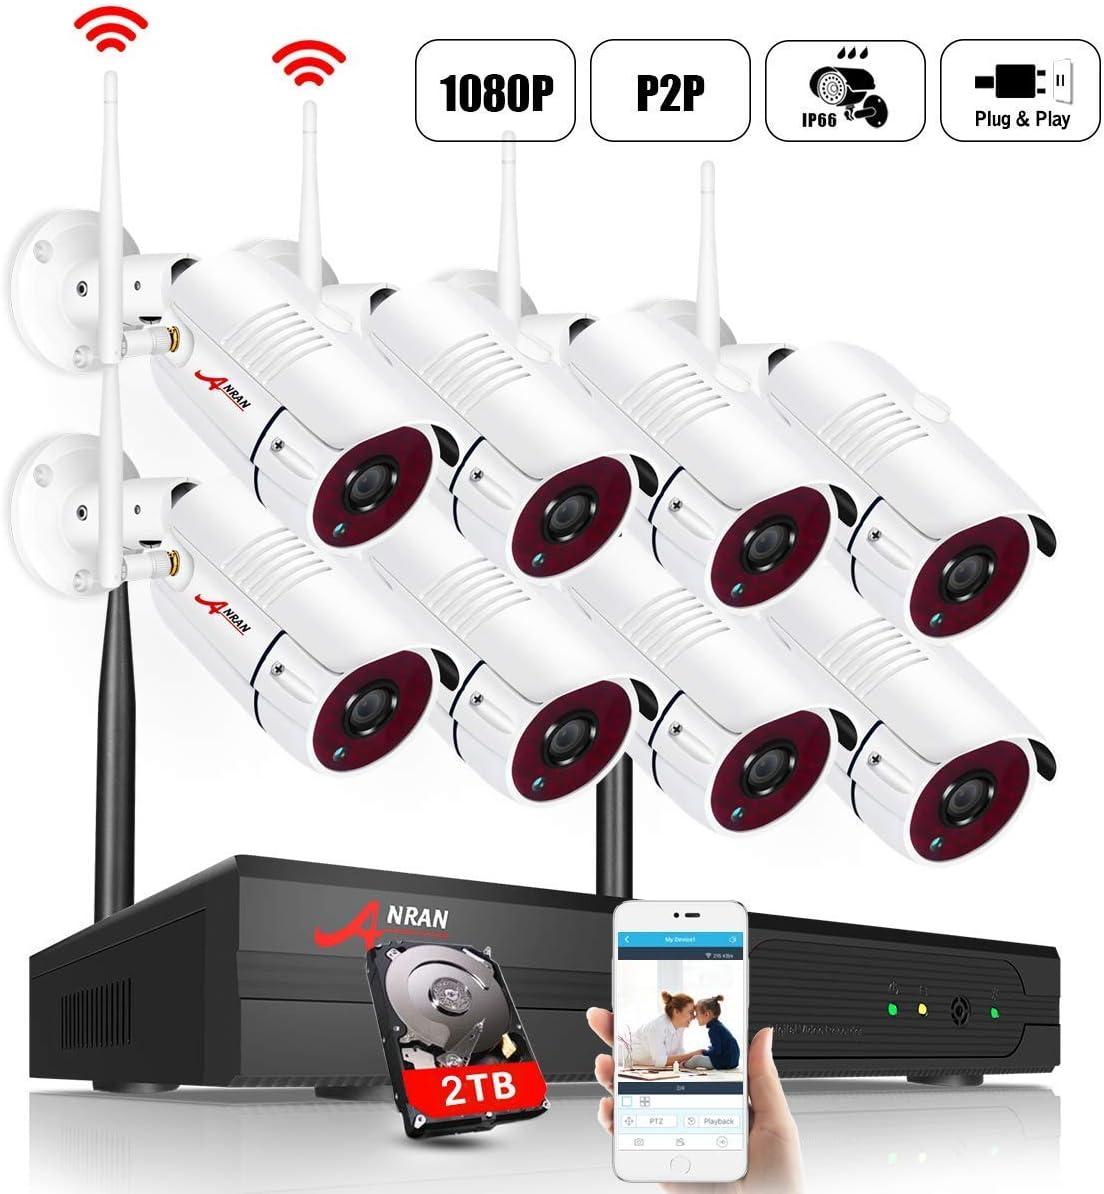 Acceso Remoto ANRAN 1080P Kit C/ámaras de Seguridad Inalambricas 8CH Sistema de Videovigilancia 8 C/ámaras de Seguridad 2TB HDD Fac/íl de instalar 【2020 Nuevo】2MP CCTV Kit C/ámaras de Vigilancia WiFi